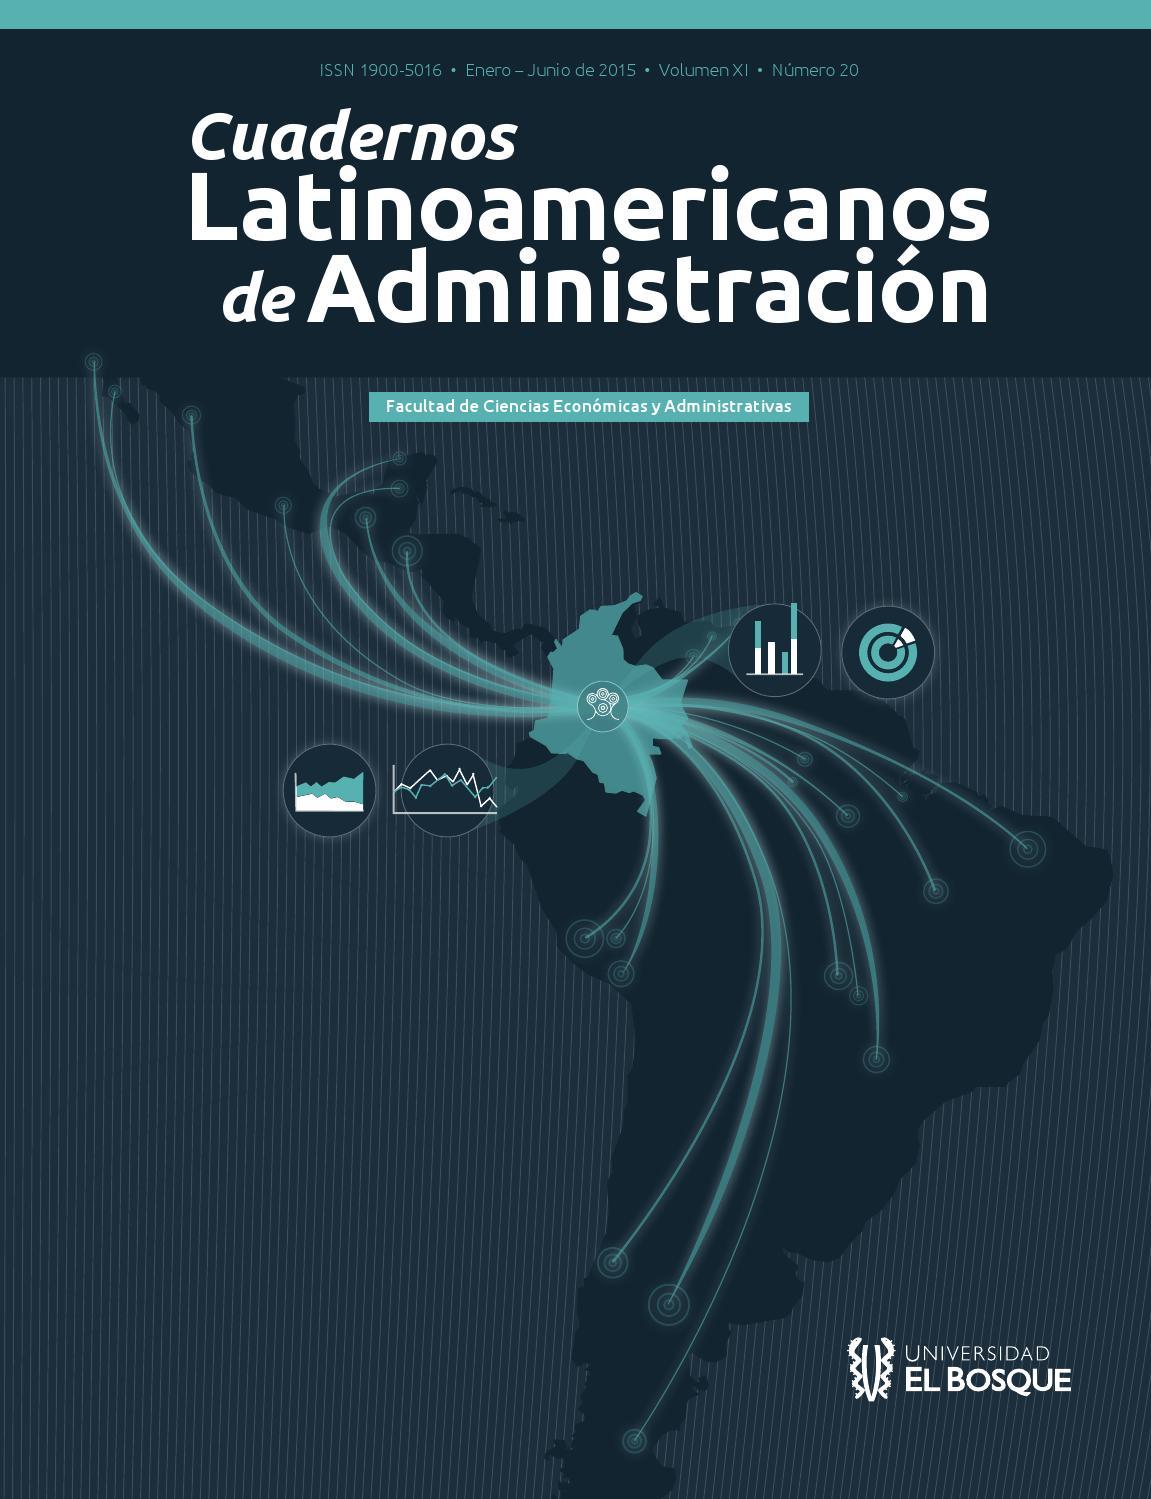 Revista cuadernos latinoamericanos de administracin by universidad revista cuadernos latinoamericanos de administracin by universidad el bosque issuu fandeluxe Gallery